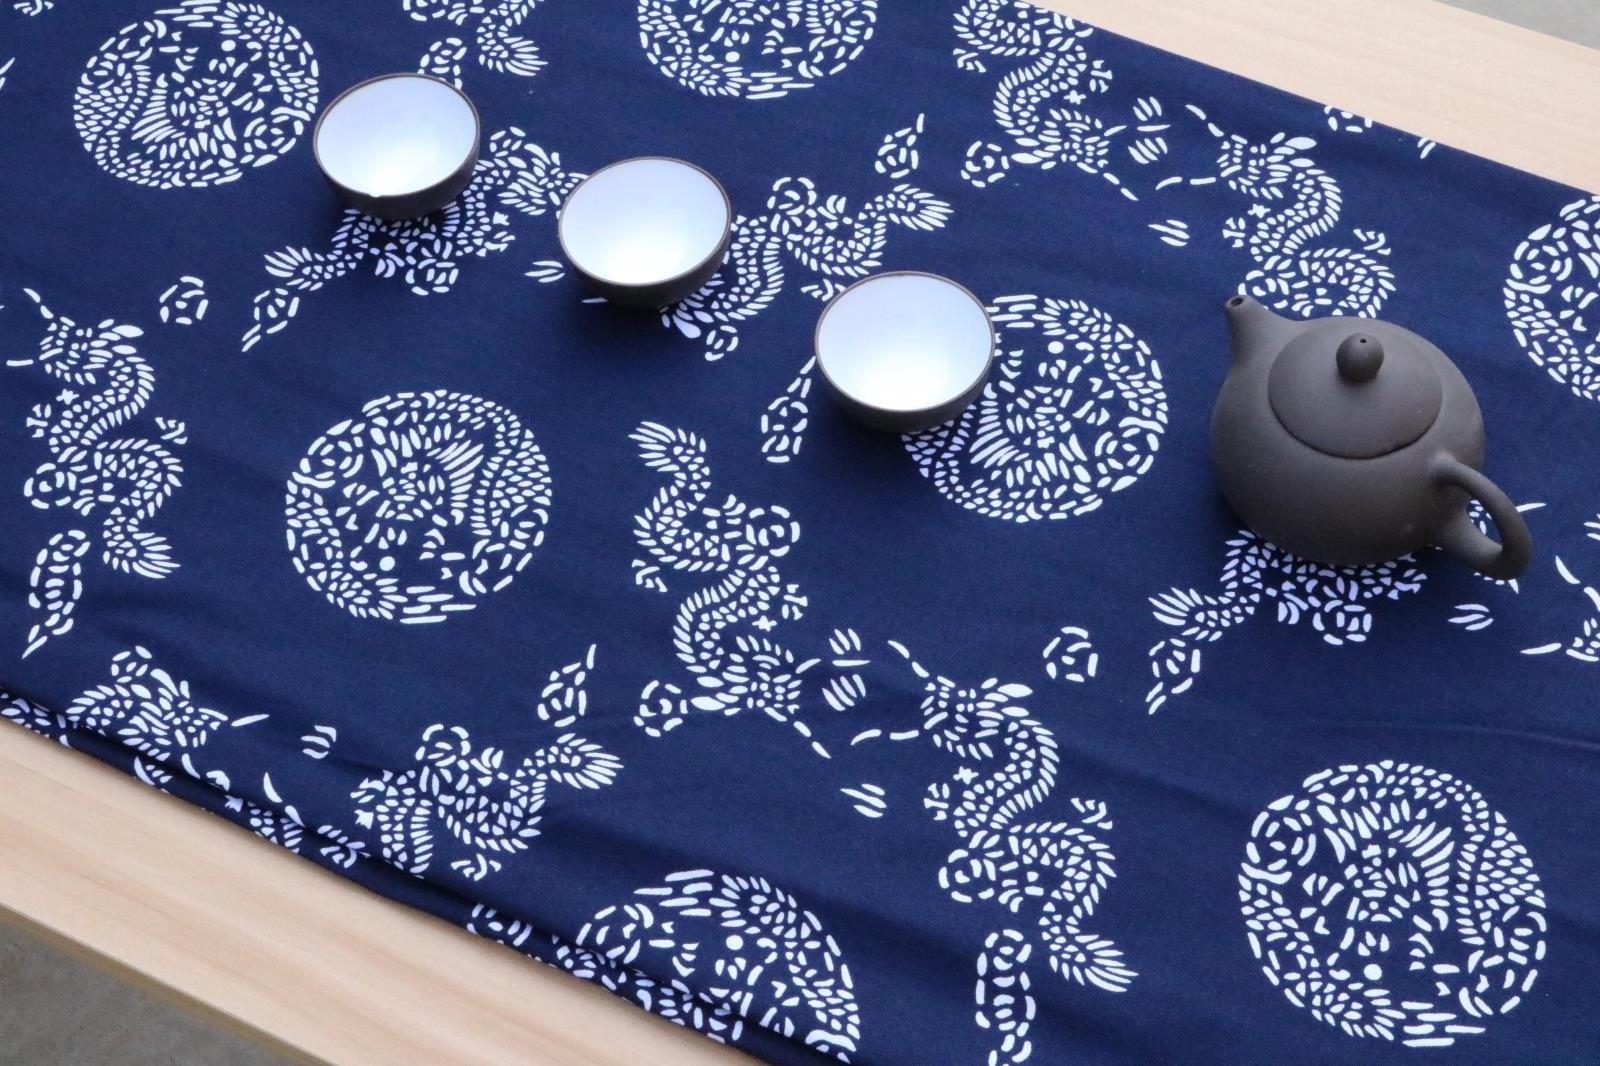 幼儿园红蓝印花布料棉布碎花装饰手工餐厅中国民族风青花瓷桌布